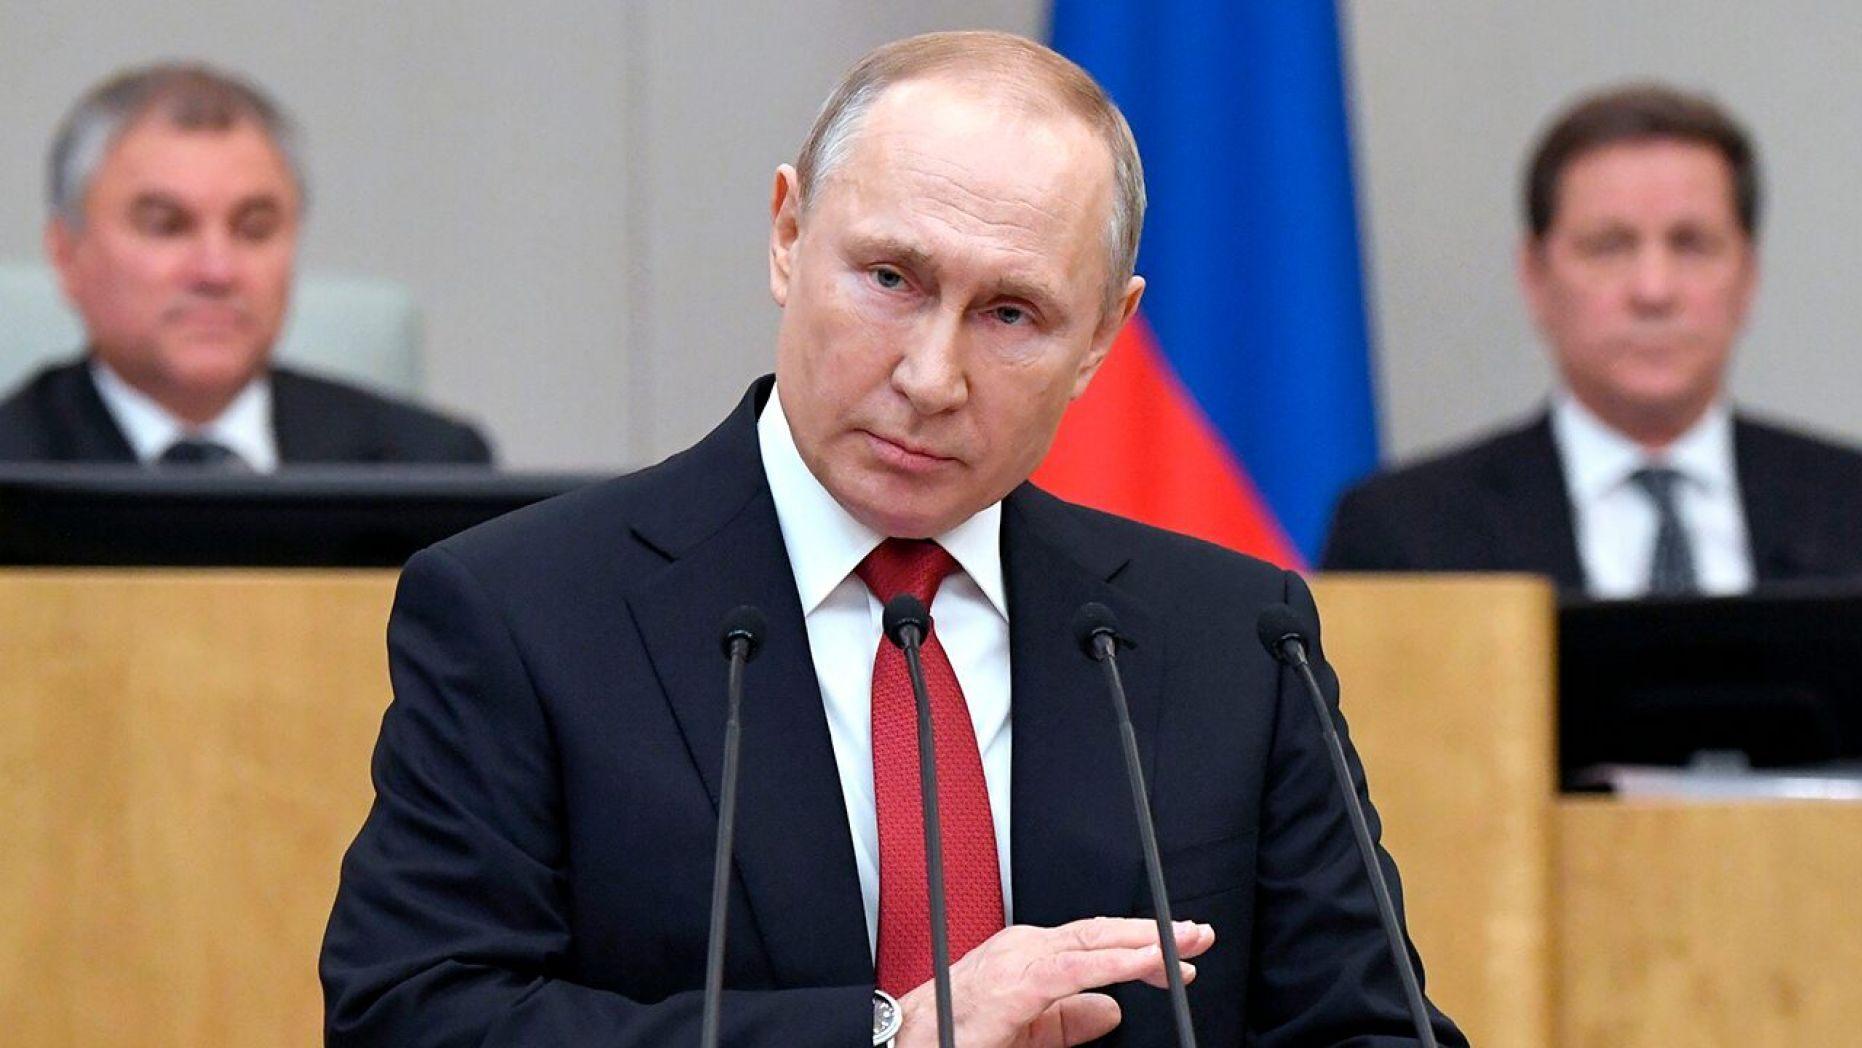 Putin solicita instantei sa modifice constitutia pentru a-i permite sa ramana la putere pana in 2036